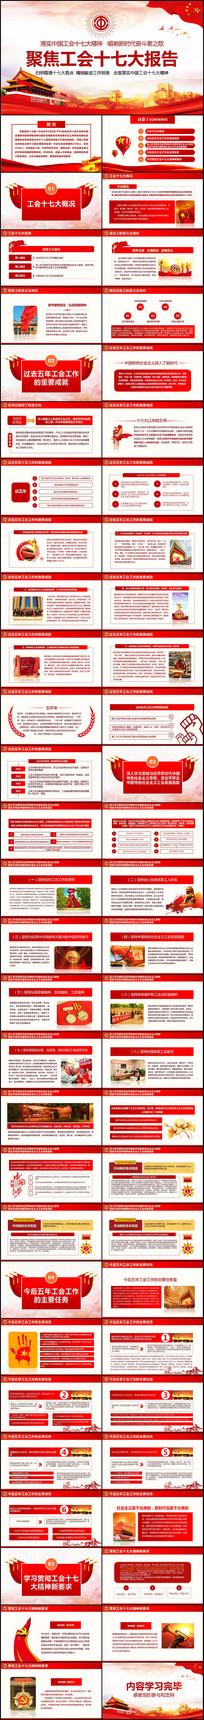 中国工会十七大精神详细解读PPT